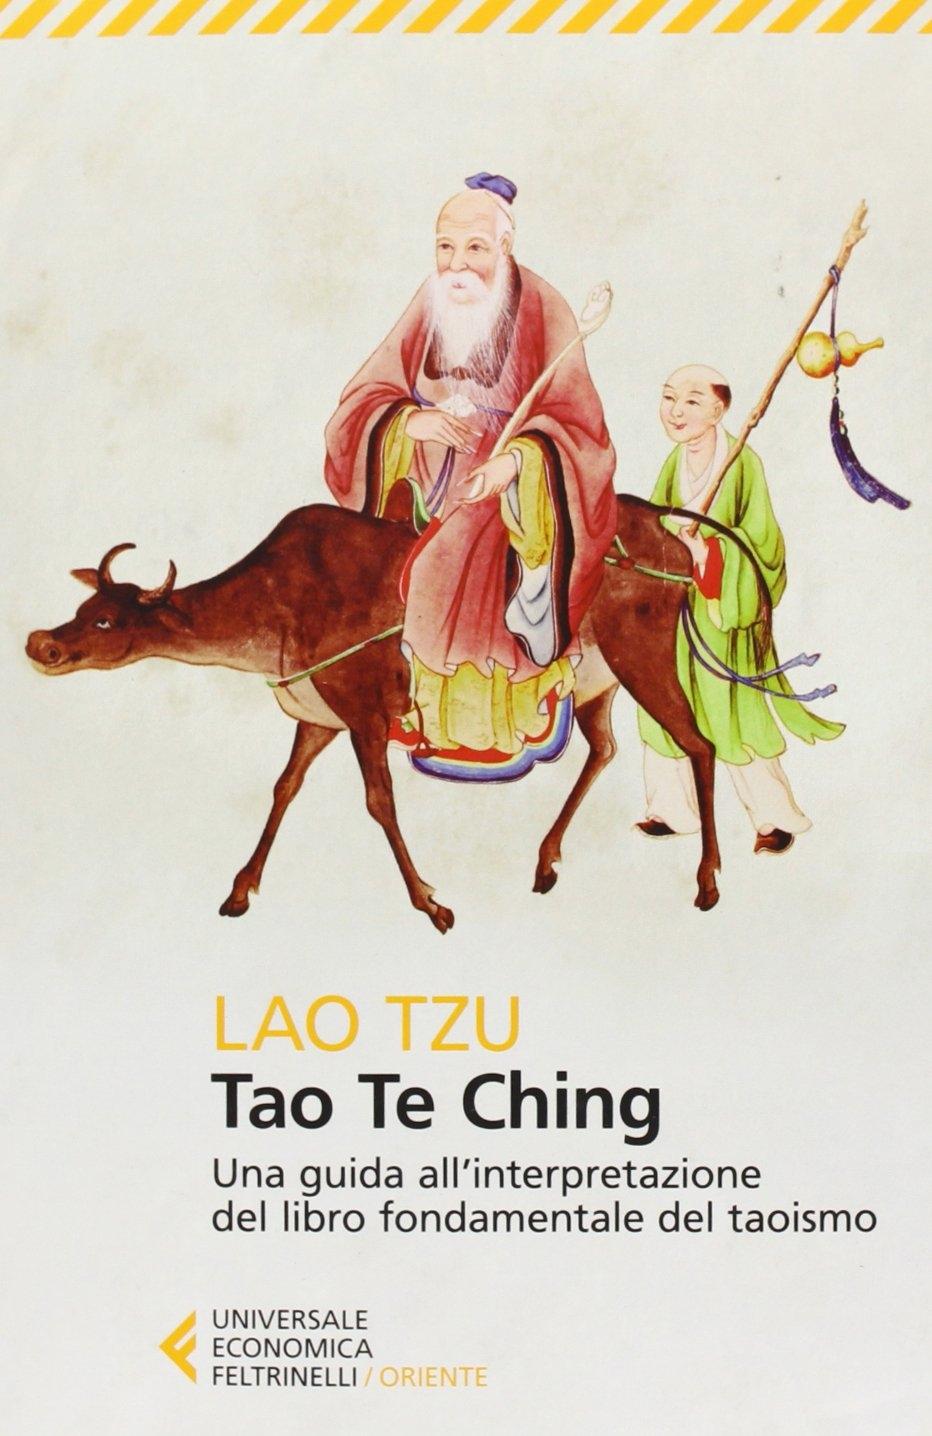 Tao Te Ching. Una guida all'interpretazione del libro fondamentale del taoismo.